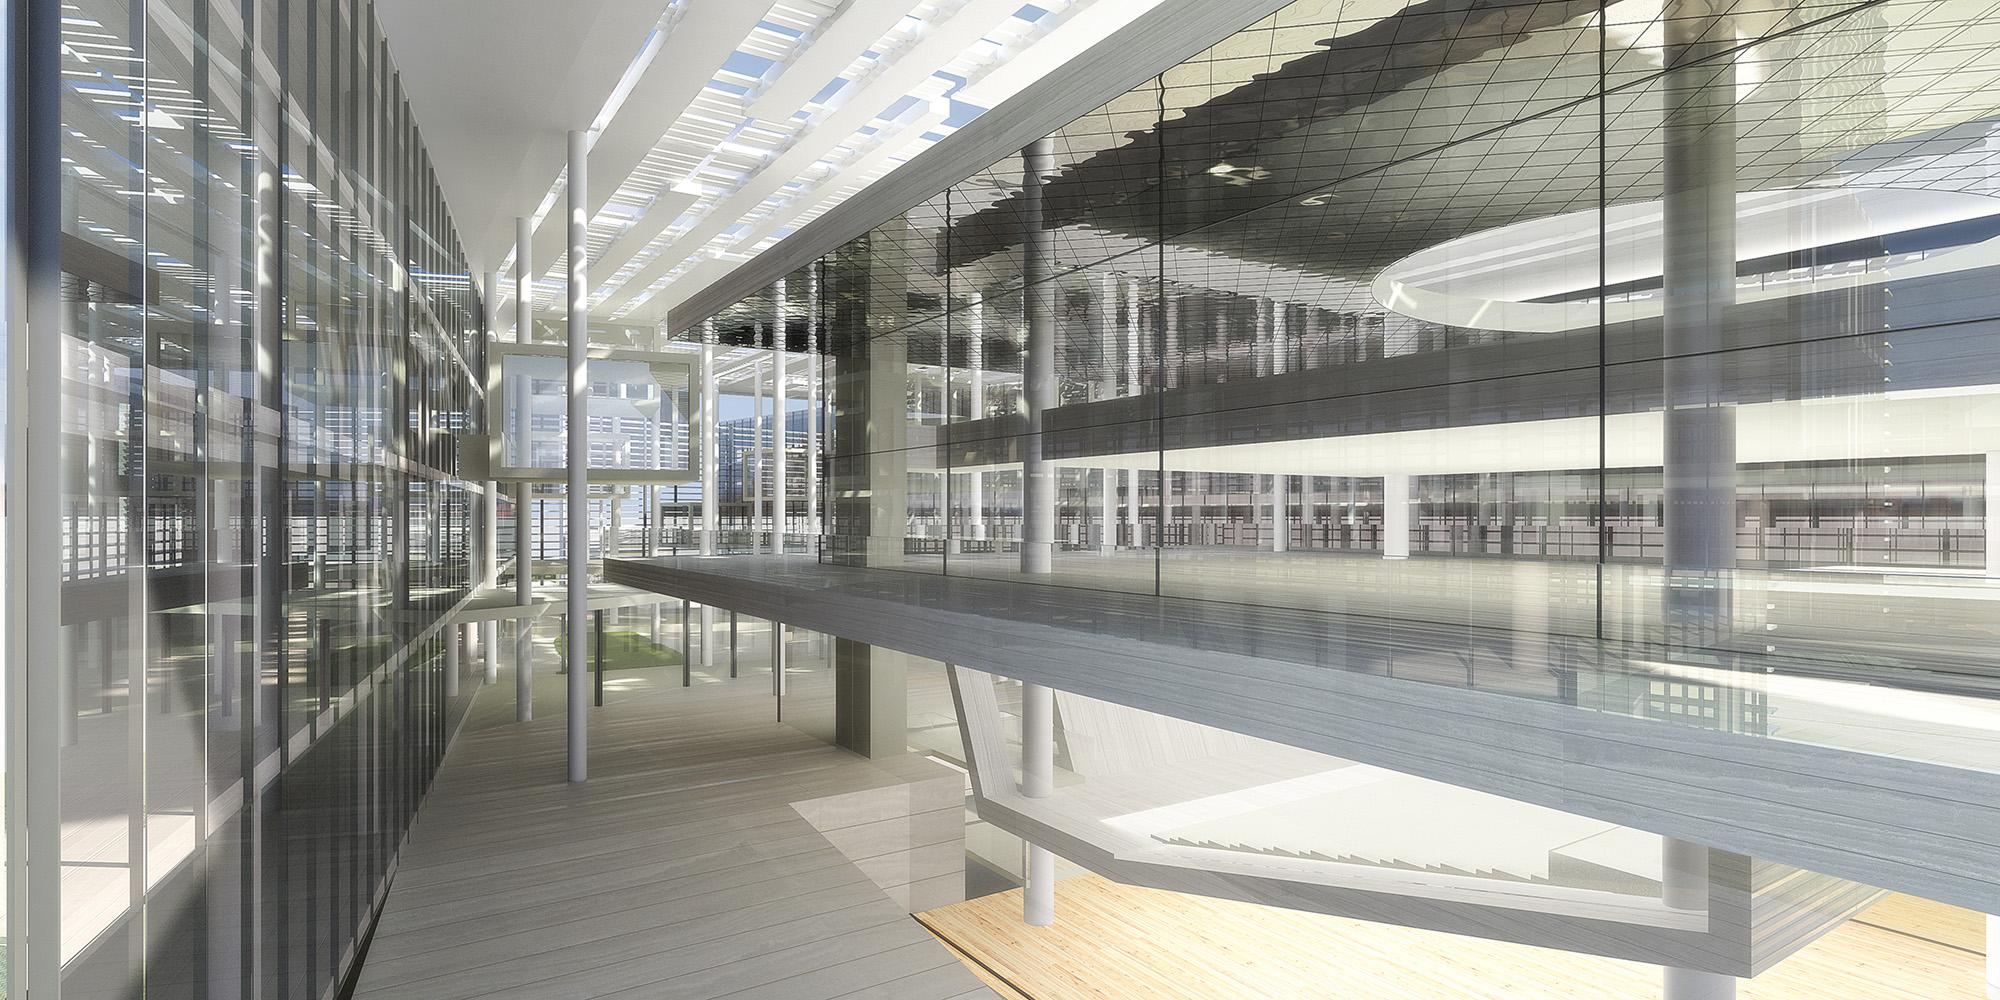 Bpc edificio per uffici milano rayrenderlab for Uffici attrezzati milano